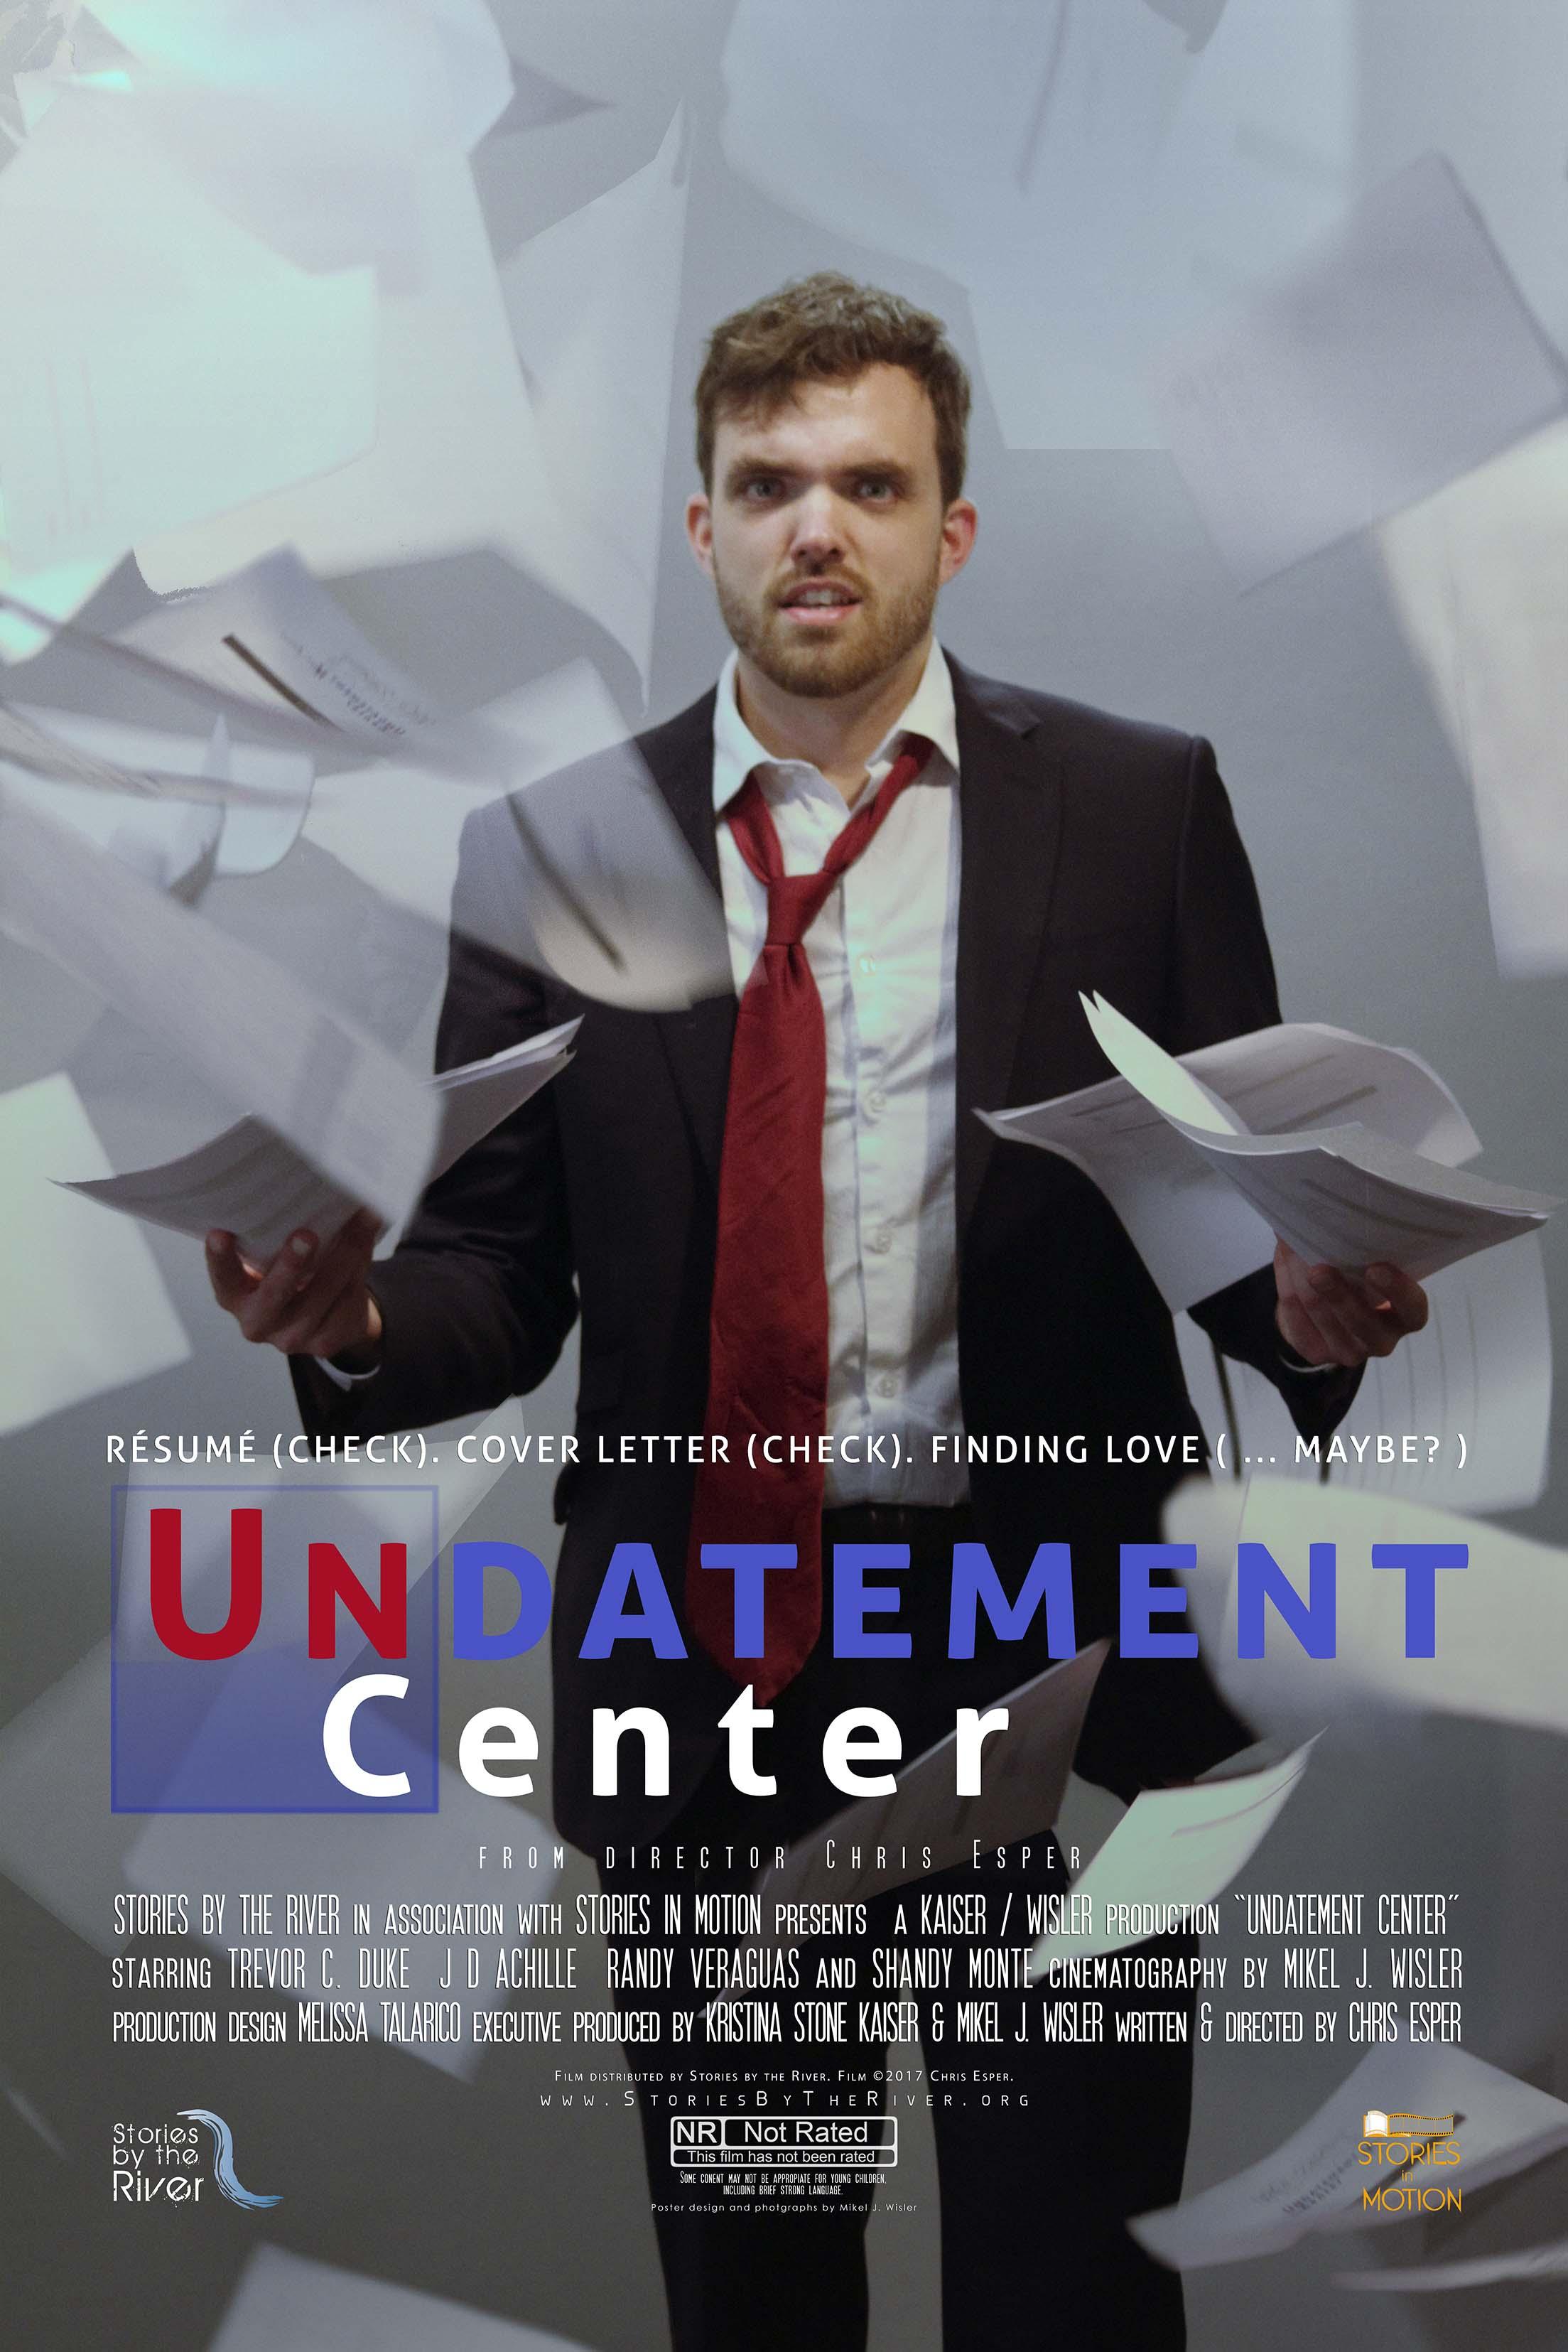 Undatement Center Poster